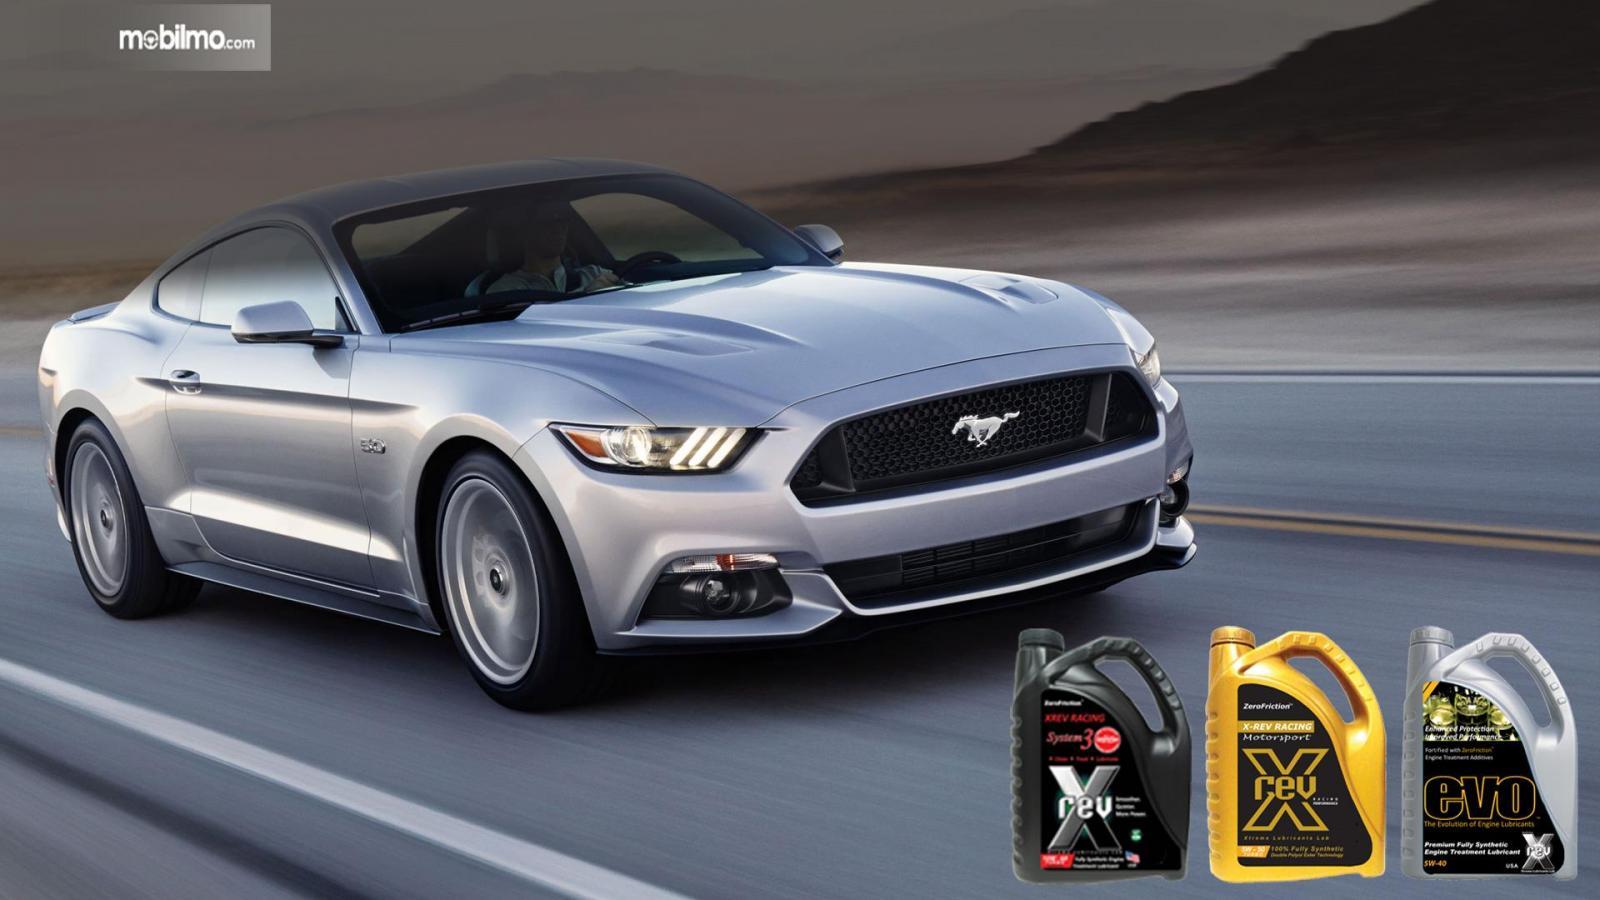 Gambar menunjukkan mobil dengan oli yang direkomendasikan